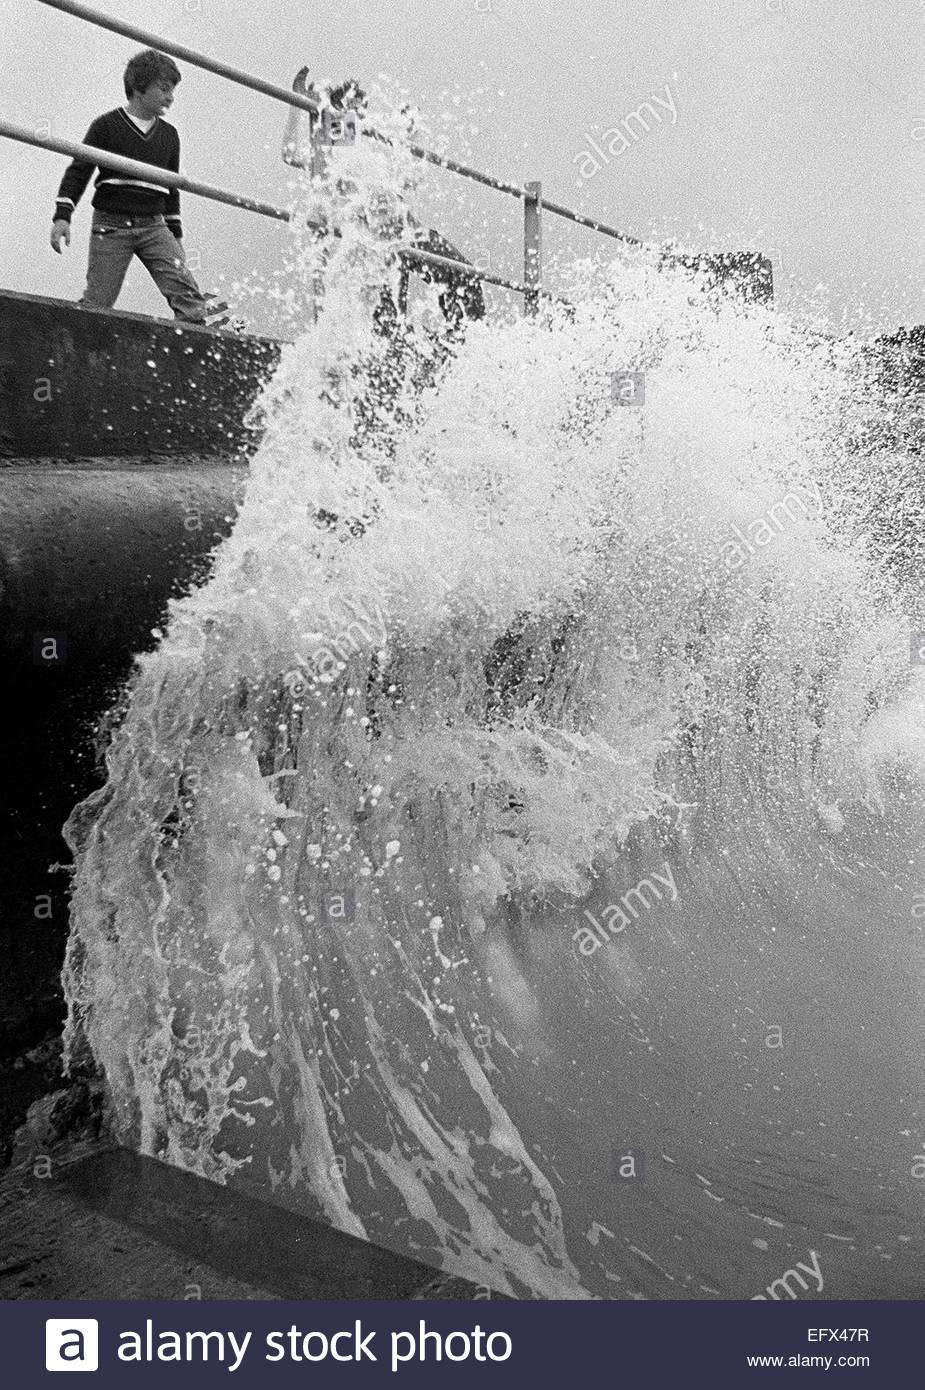 Waves Crashing Kent Seaside Child Boy Sea Seawater Rough Wild Kids Playing United Kingdom Great Britain British - Stock Image